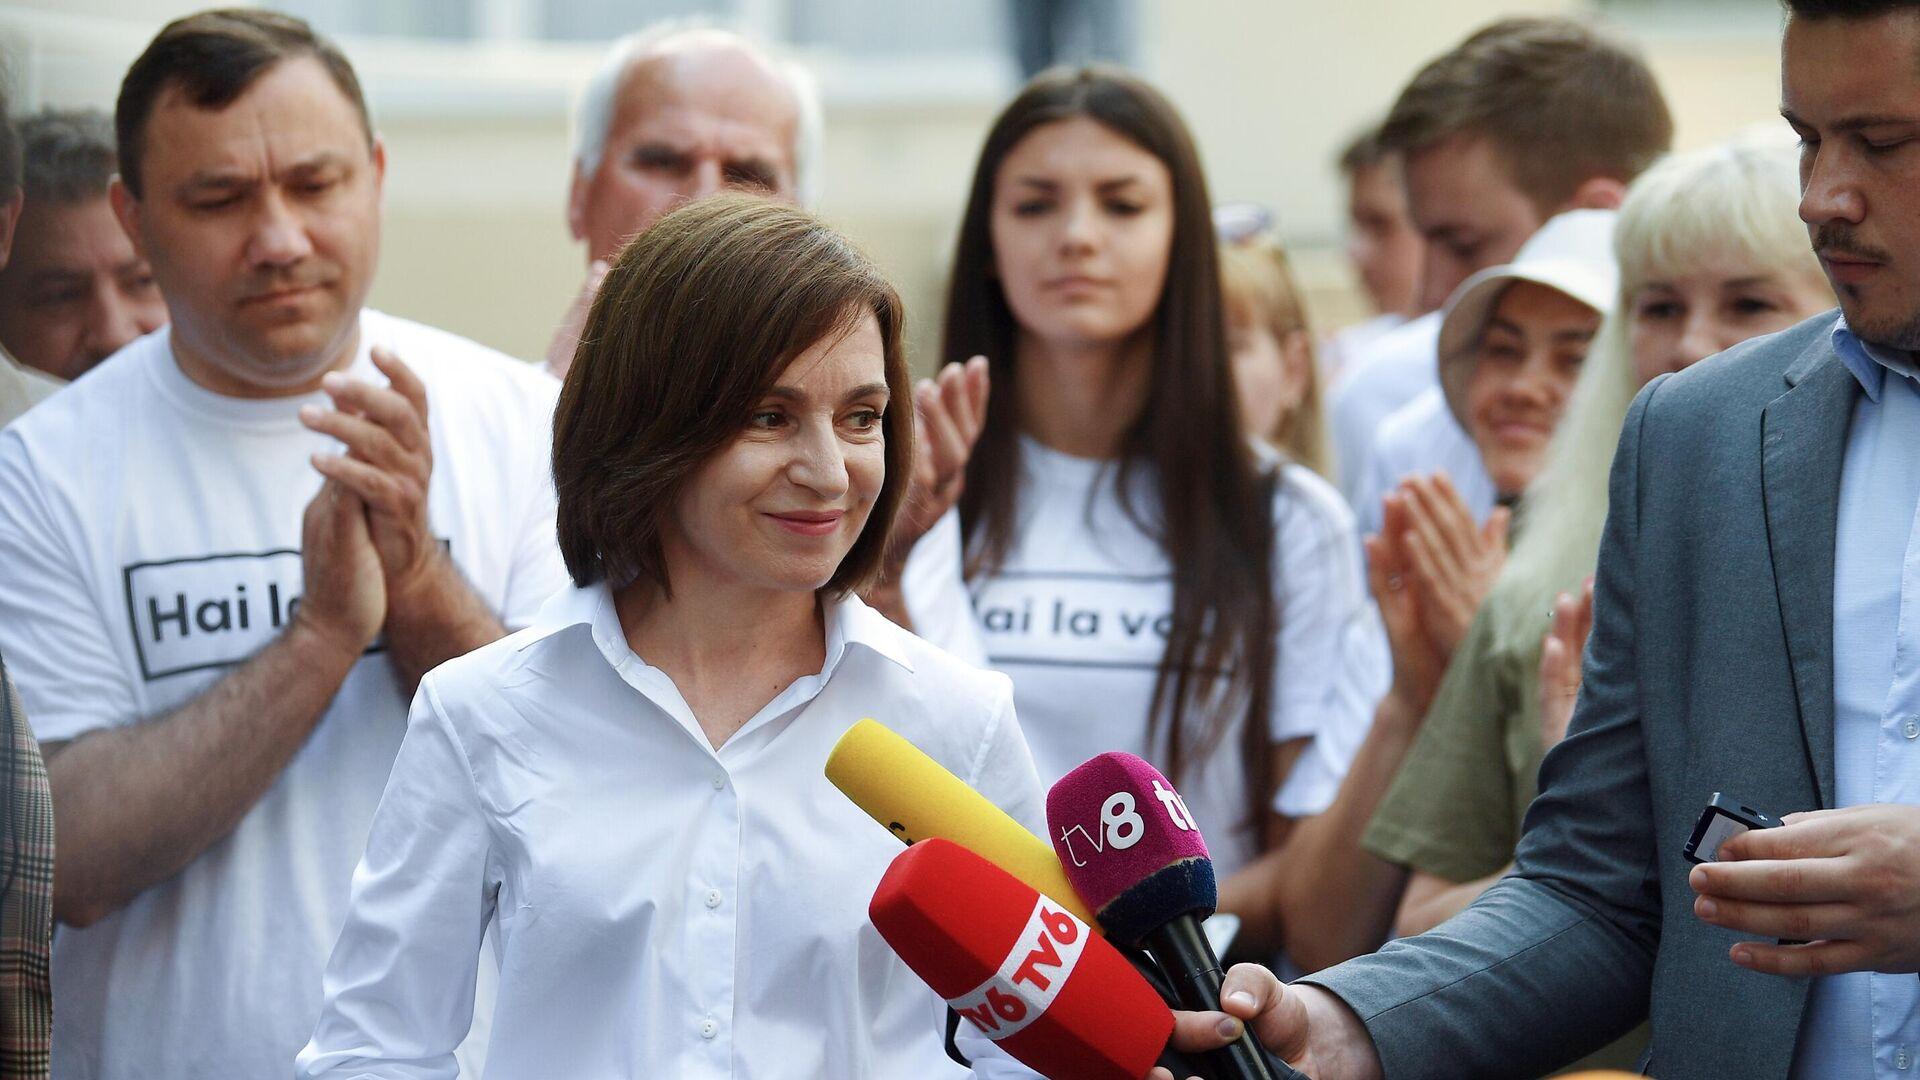 Президент Молдавии Майя Санду общается с журналистами после голосования на избирательном участке в Кишиневе во время досрочных парламентских выборов в Молдавии - РИА Новости, 1920, 05.08.2021